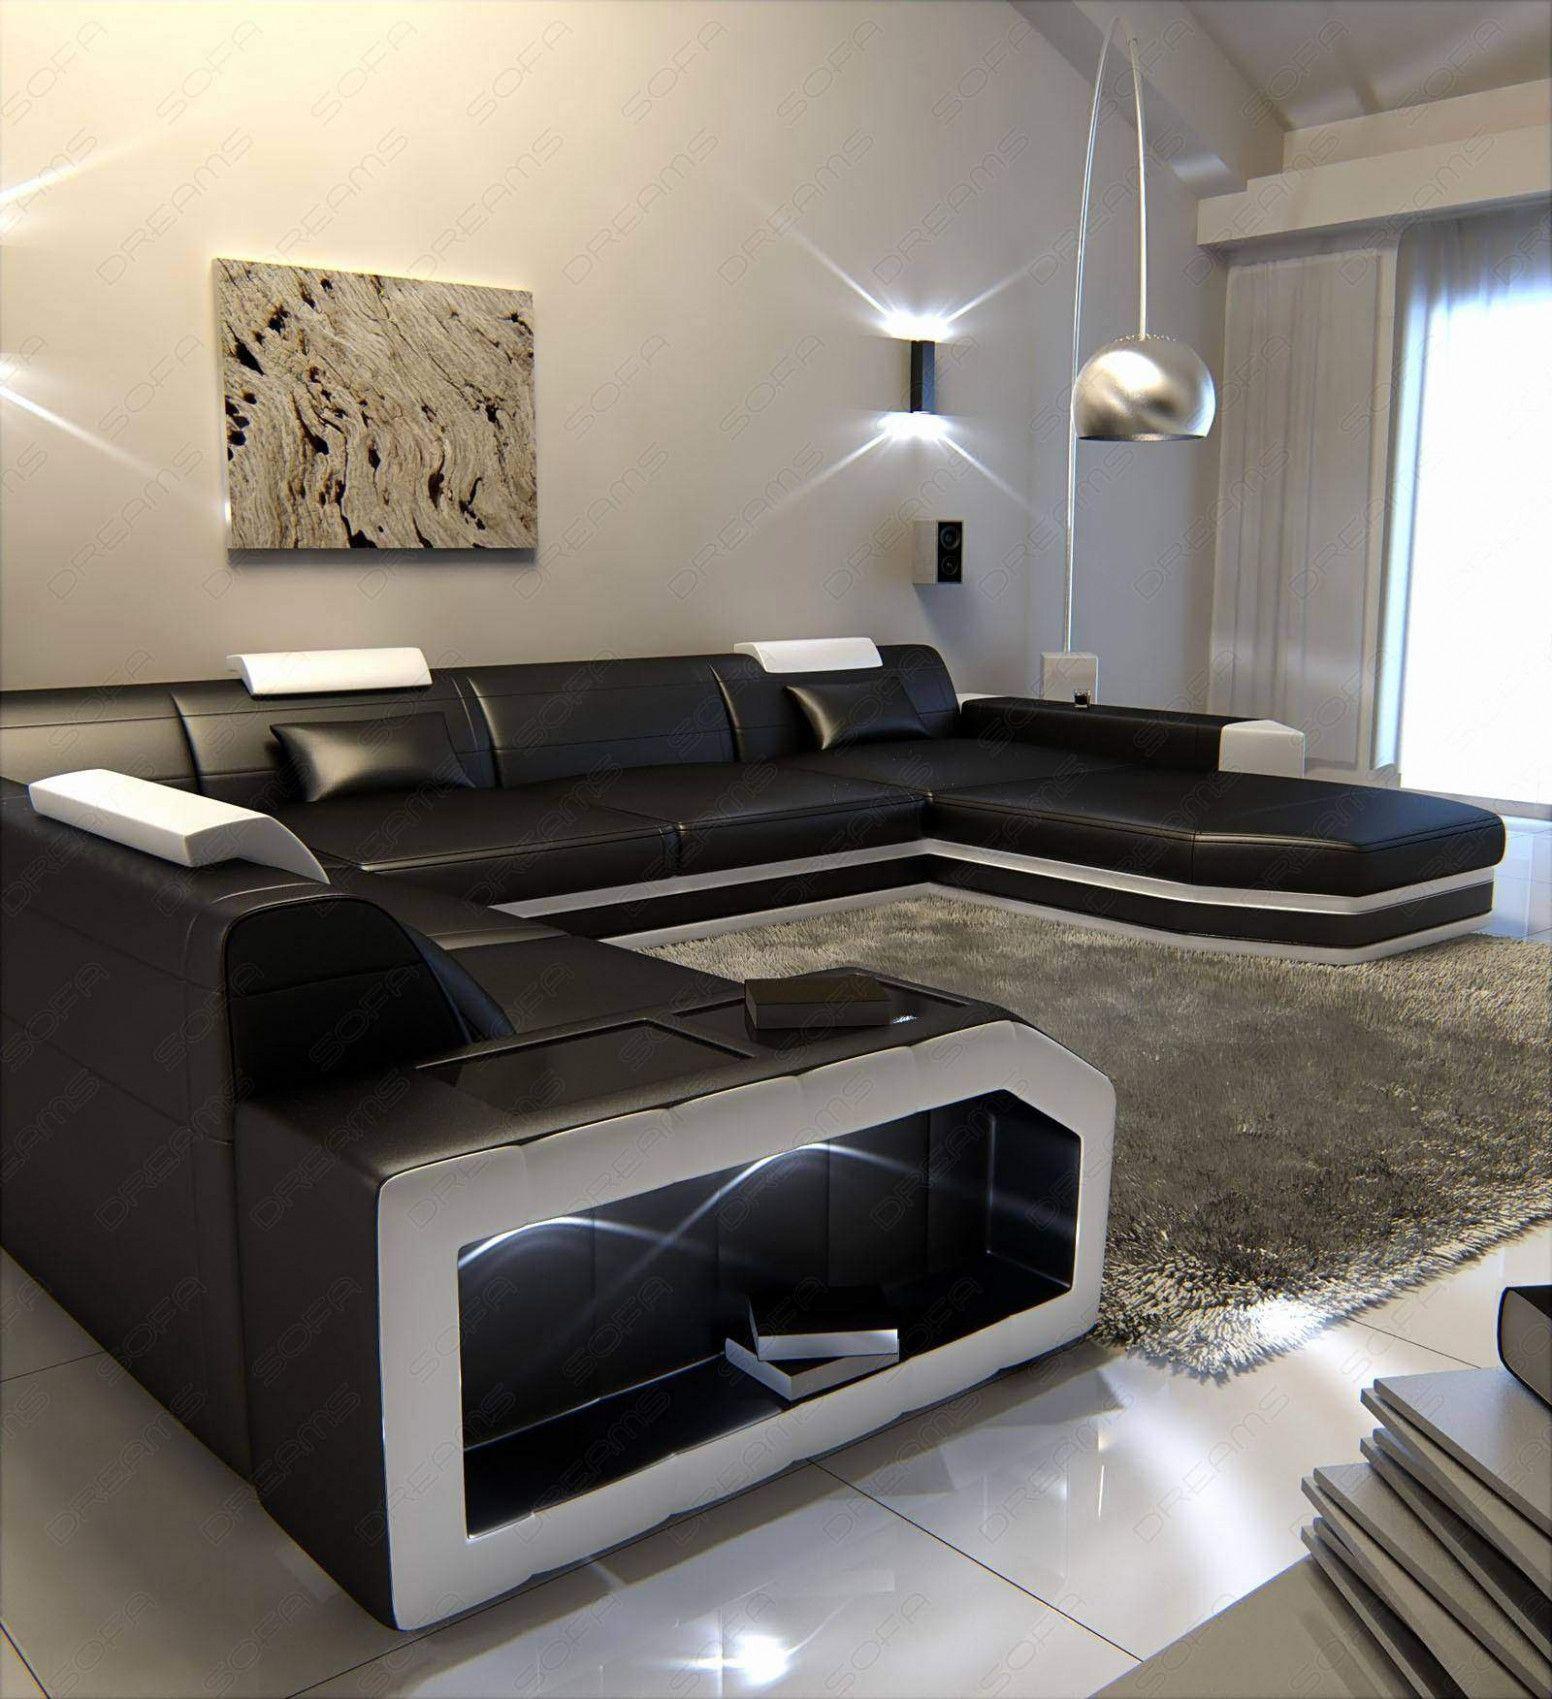 7 Wohnzimmer Ideen In Benzin 7 Wohnzimmer Ideen In Benzin